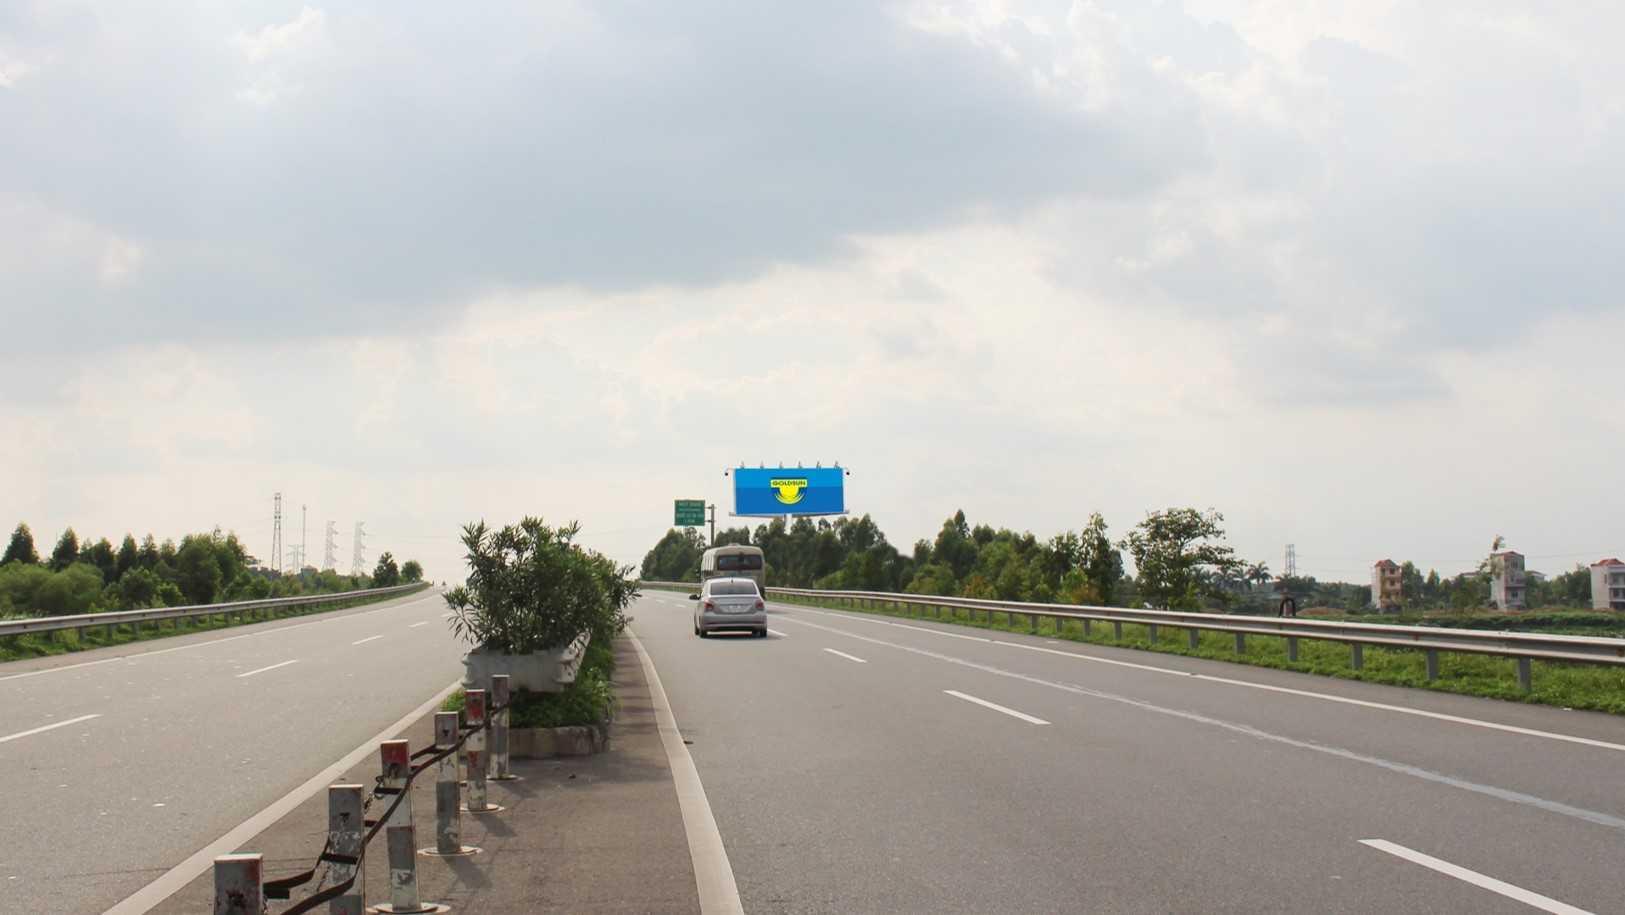 Quảng cáo HNLC 06, Km24 +860 Cao tốc Hà Nội – Lào Cai